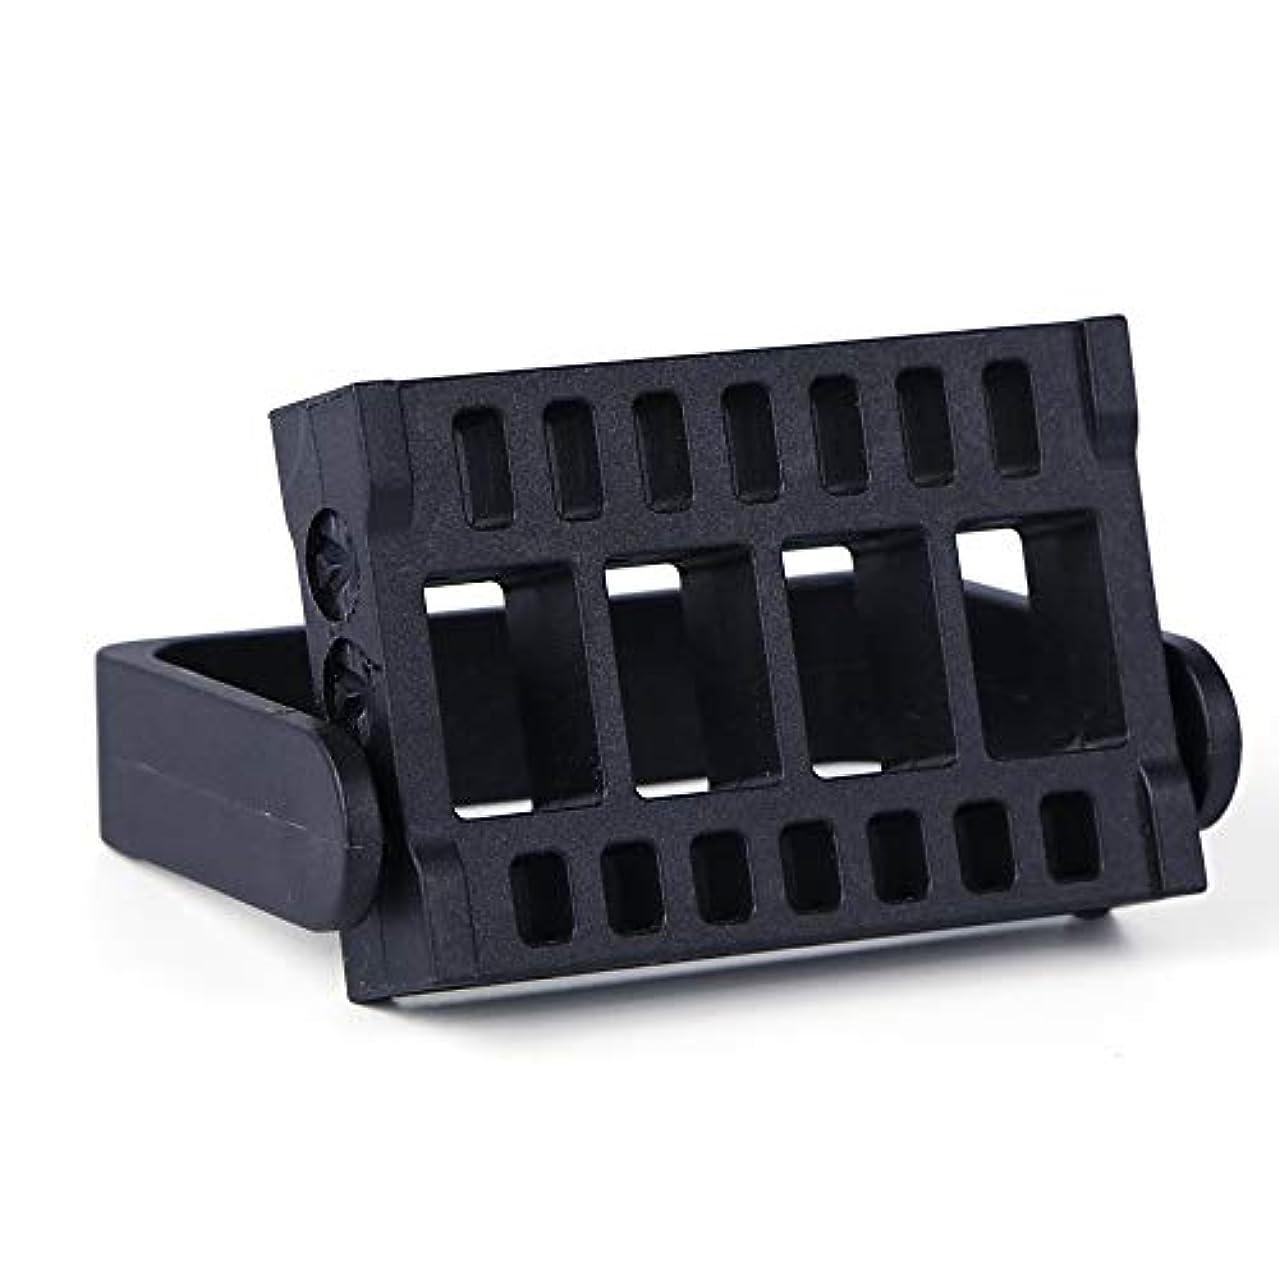 効能居心地の良い支出1本16穴ネイルドリルビットホルダー展示スタンドディスプレイボックス電気ネイルファイルコンテナマニキュアツール